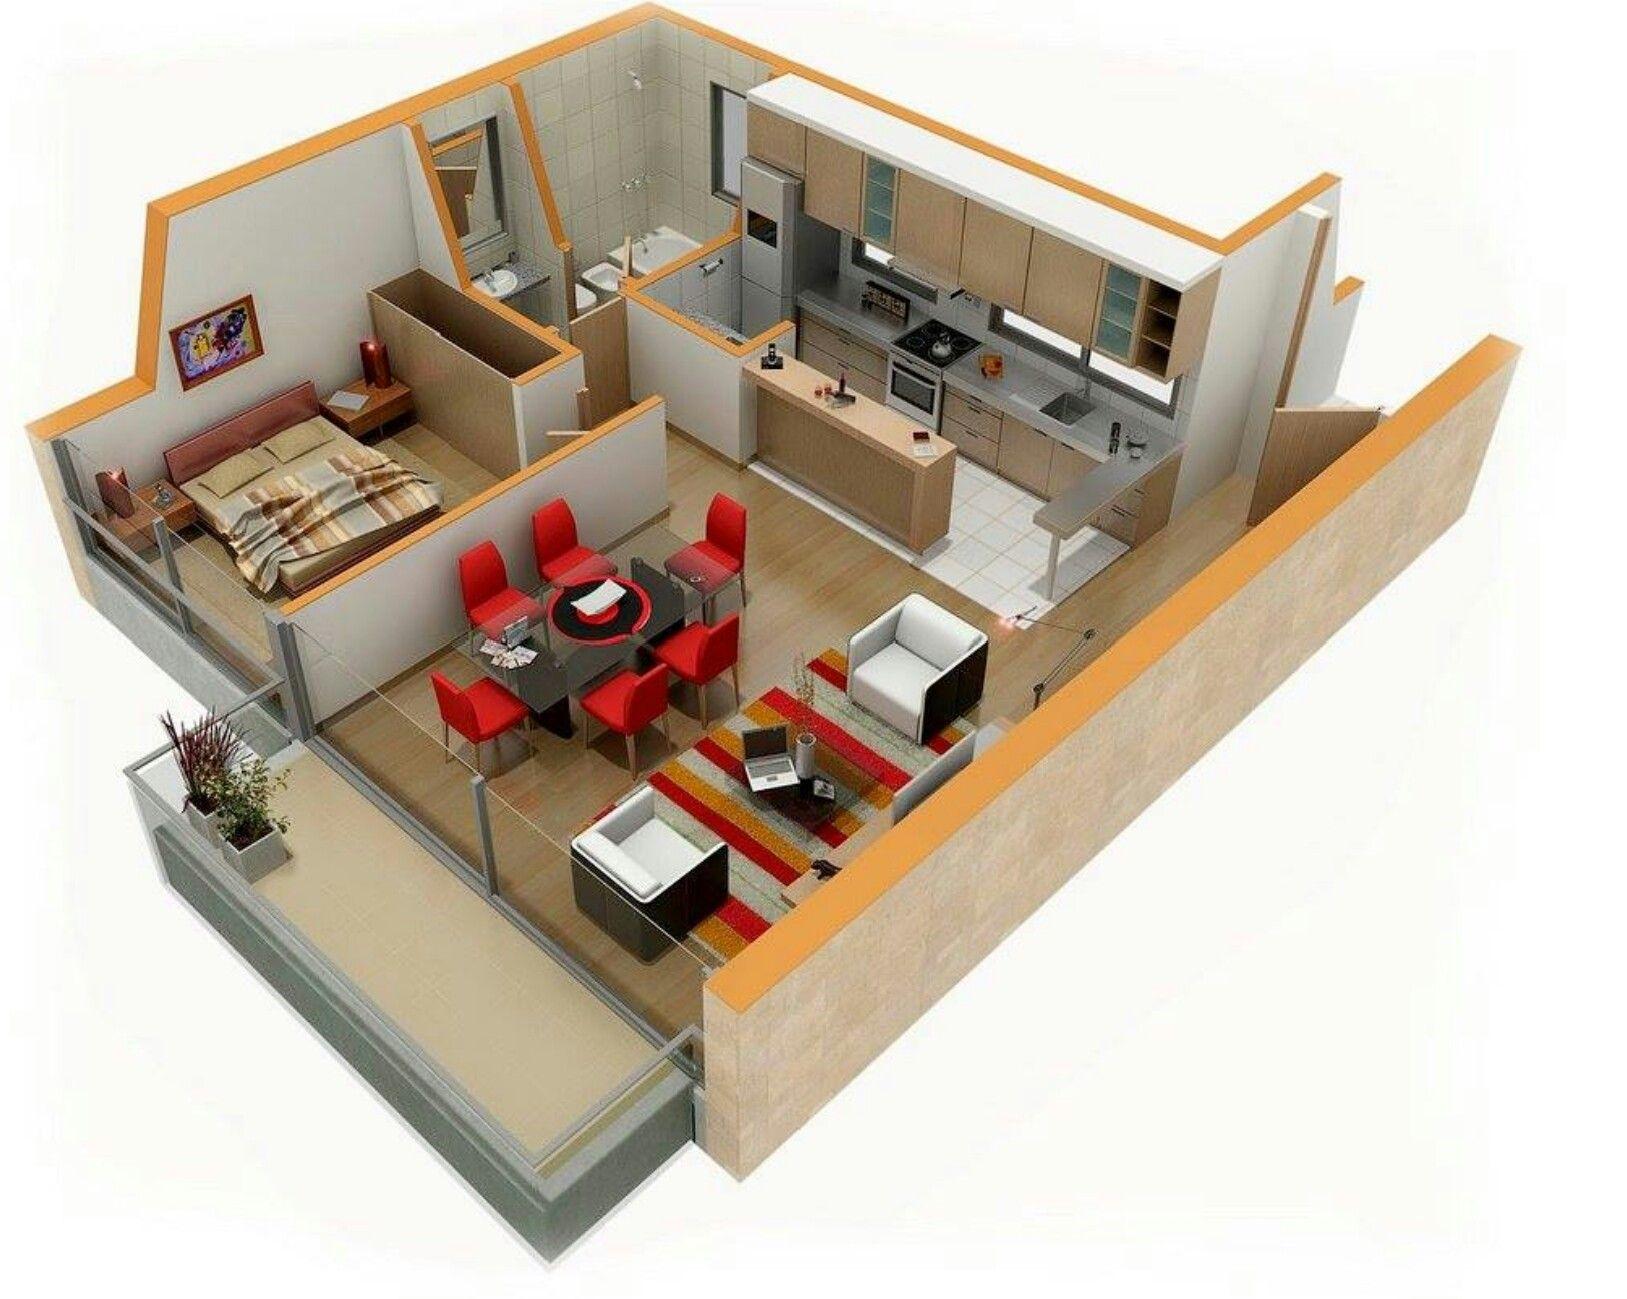 Hauspläne, Moderne Hausgrundrisse, 3d Innen Gestaltung, Keller Kochnischen,  Projektpräsentation, Sims 4, Haus Blaupausen, Dekoideen Für Die Wohnung, ...